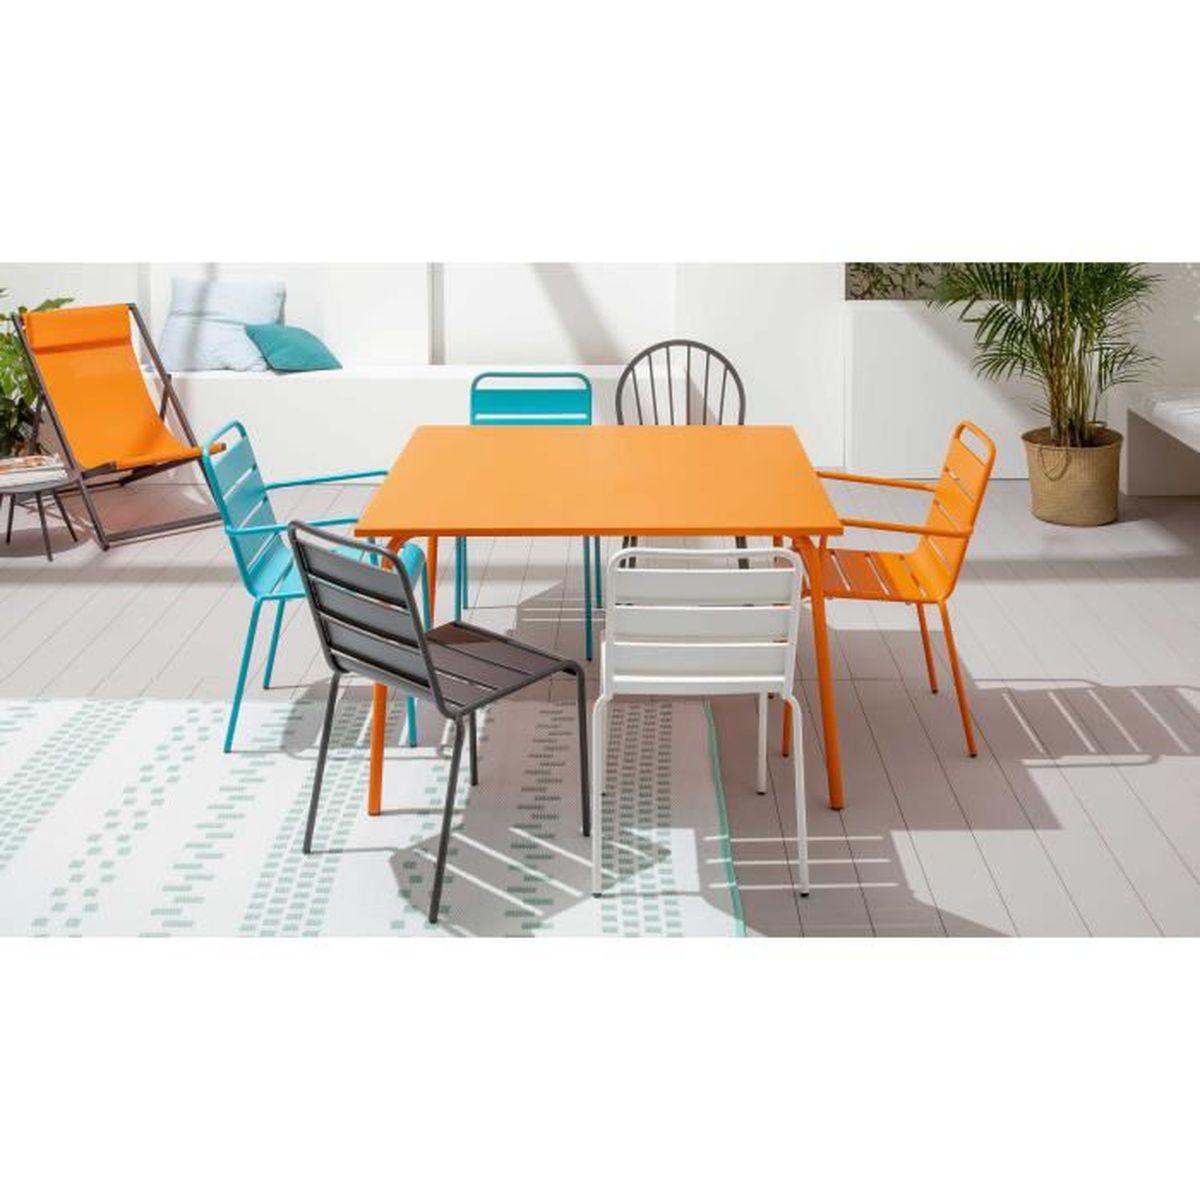 Table de jardin carrée en métal Orange - Achat / Vente table de ...